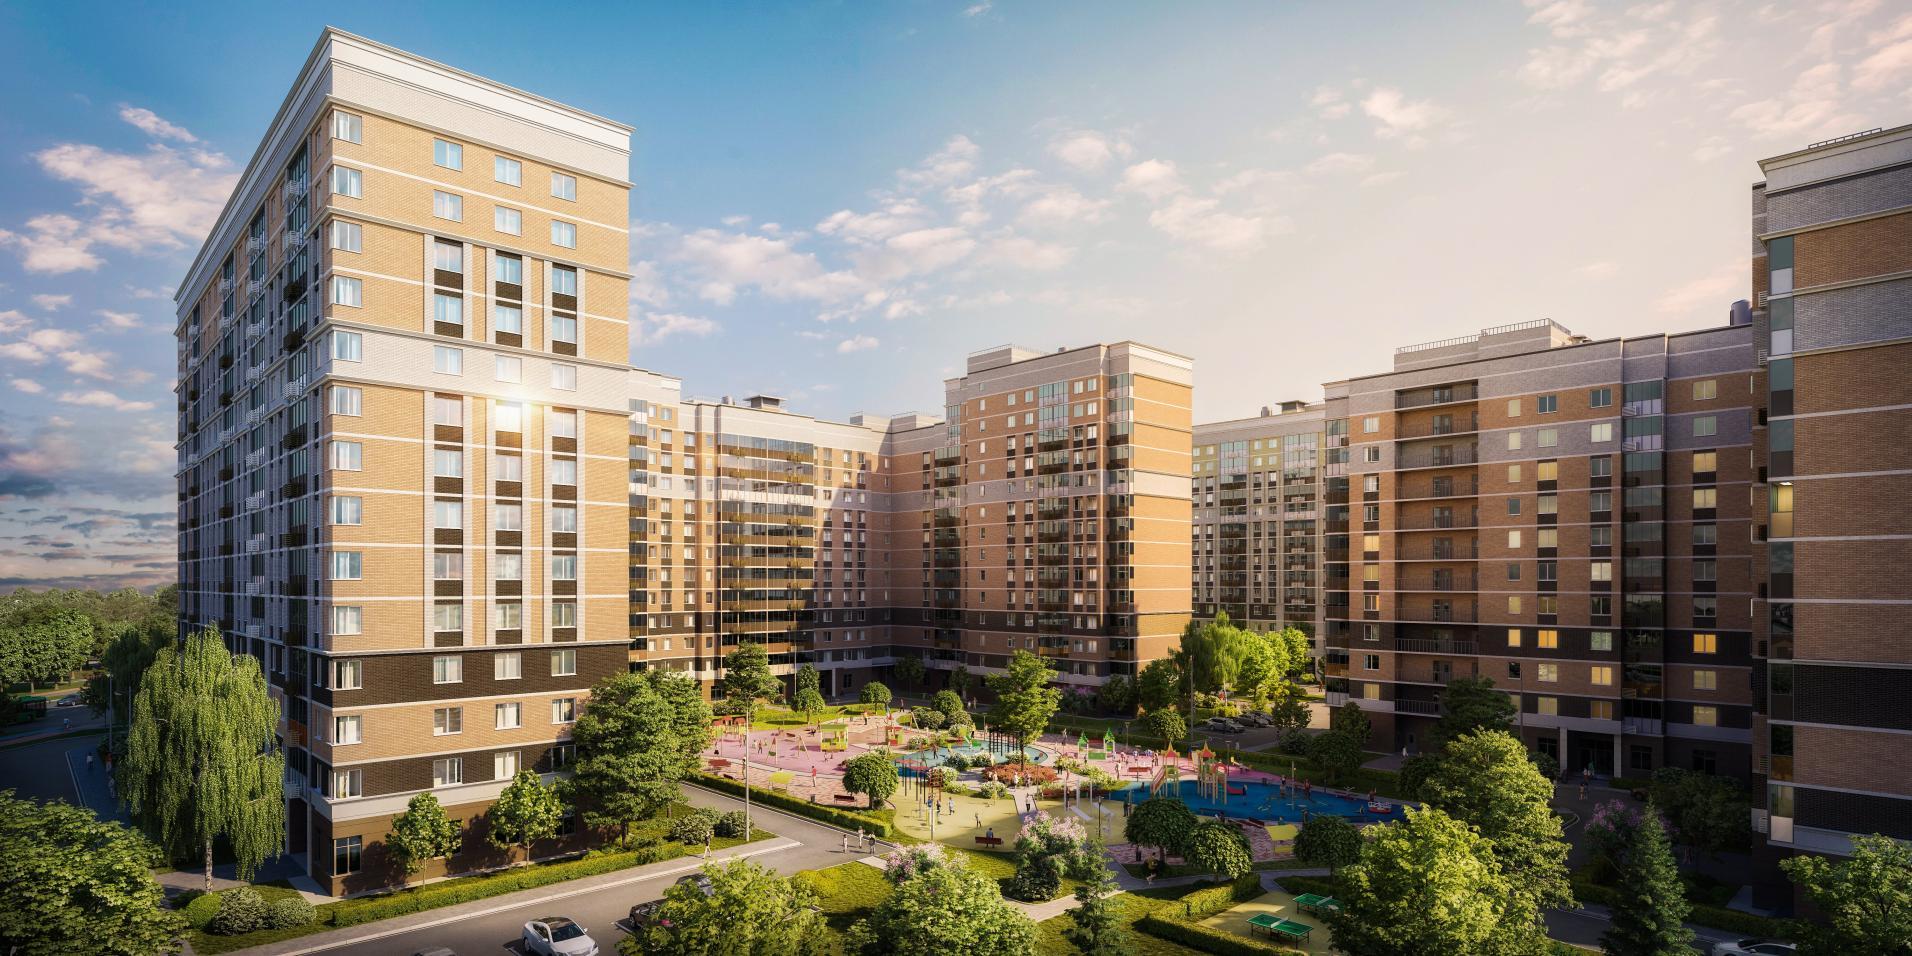 Получено разрешение на продажу квартир в новом корпусе ЖК «Остафьево»